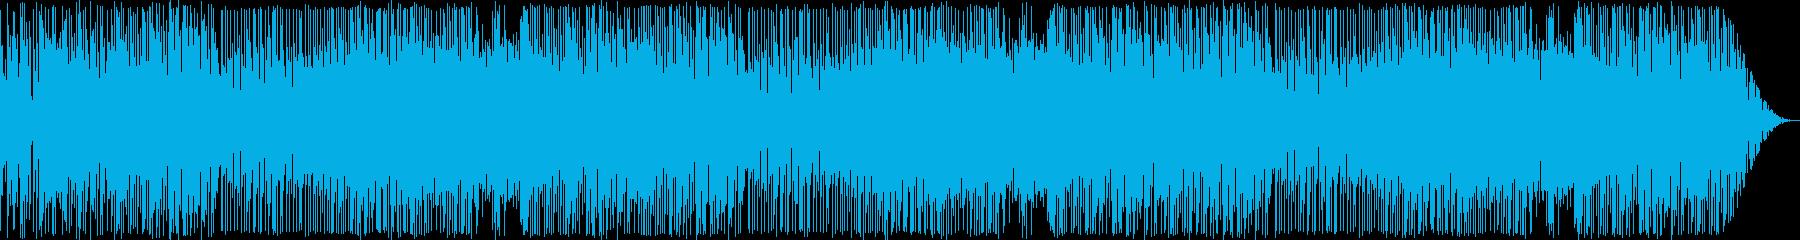 レトロゲーム風ポップで可愛いBGMの再生済みの波形